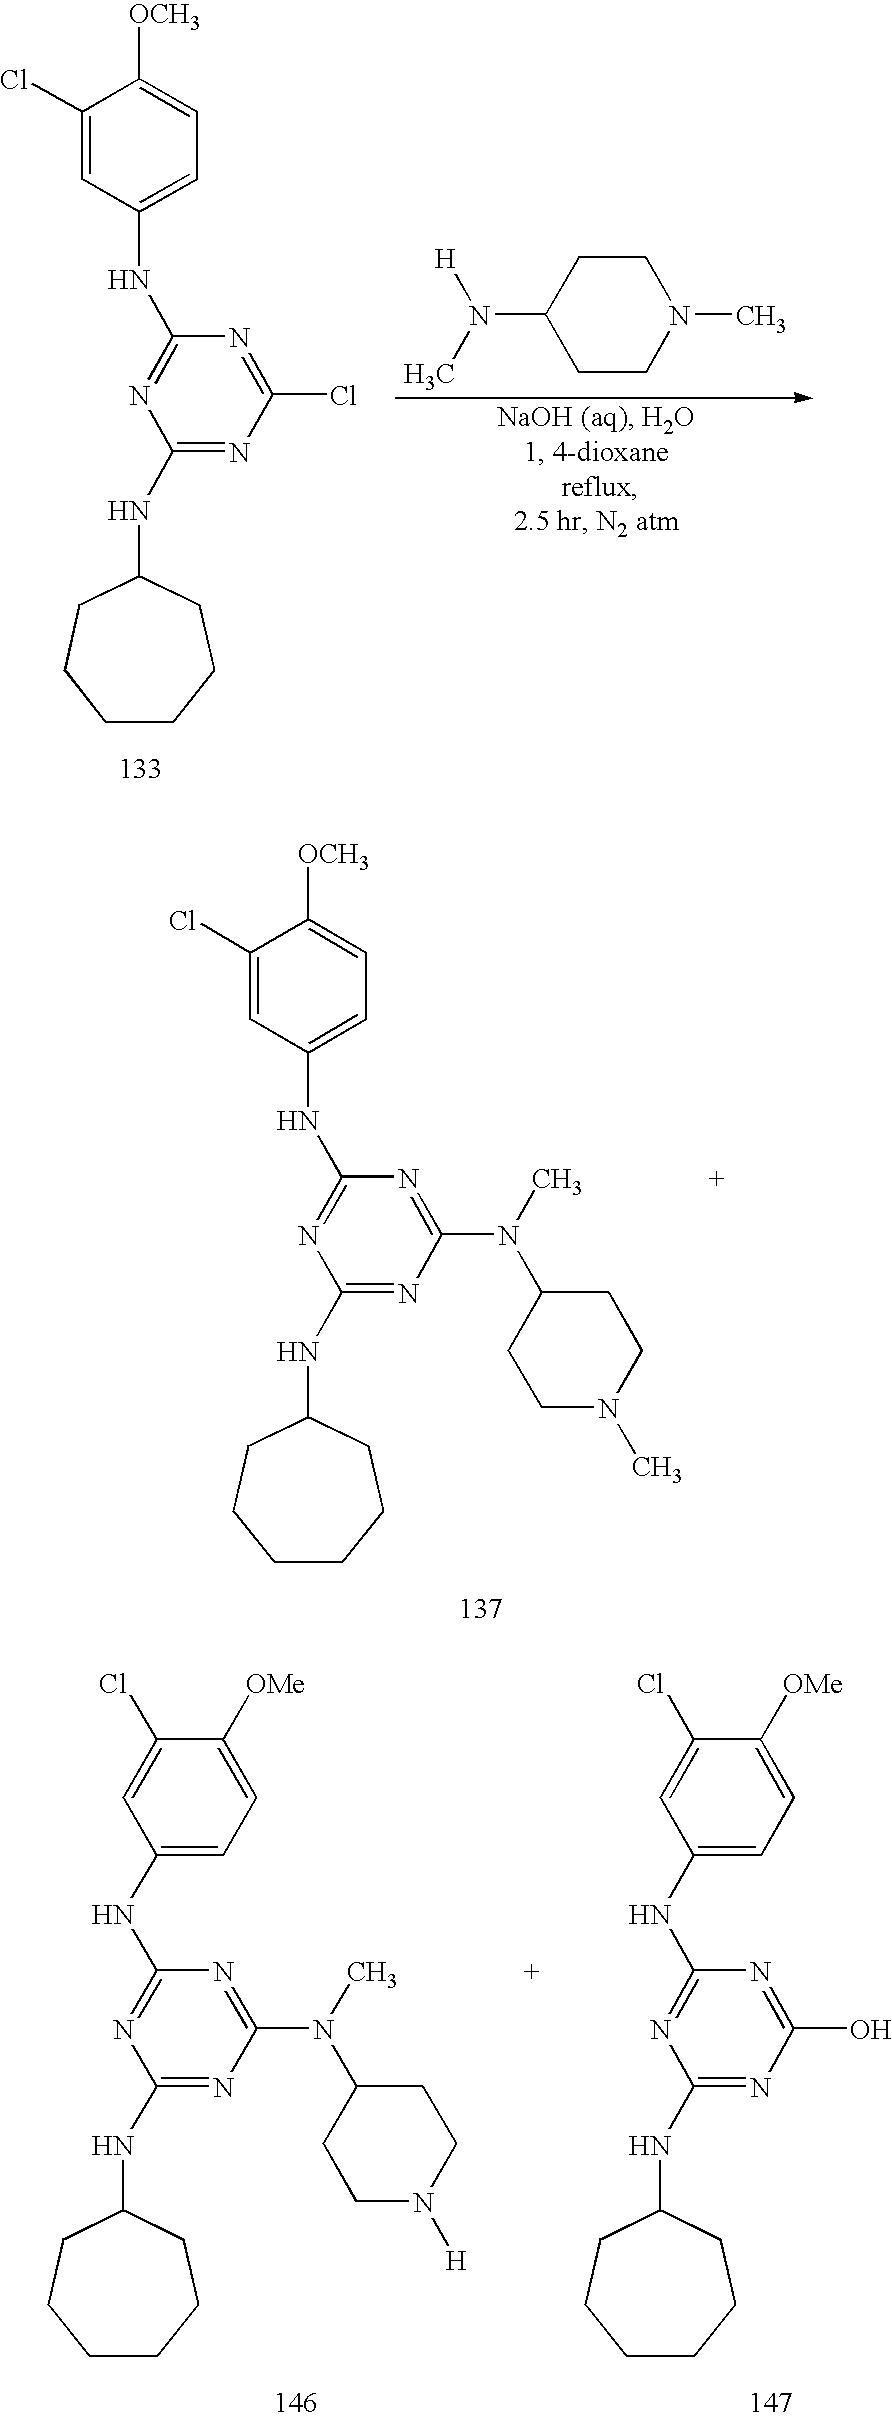 Figure US20050113341A1-20050526-C00172